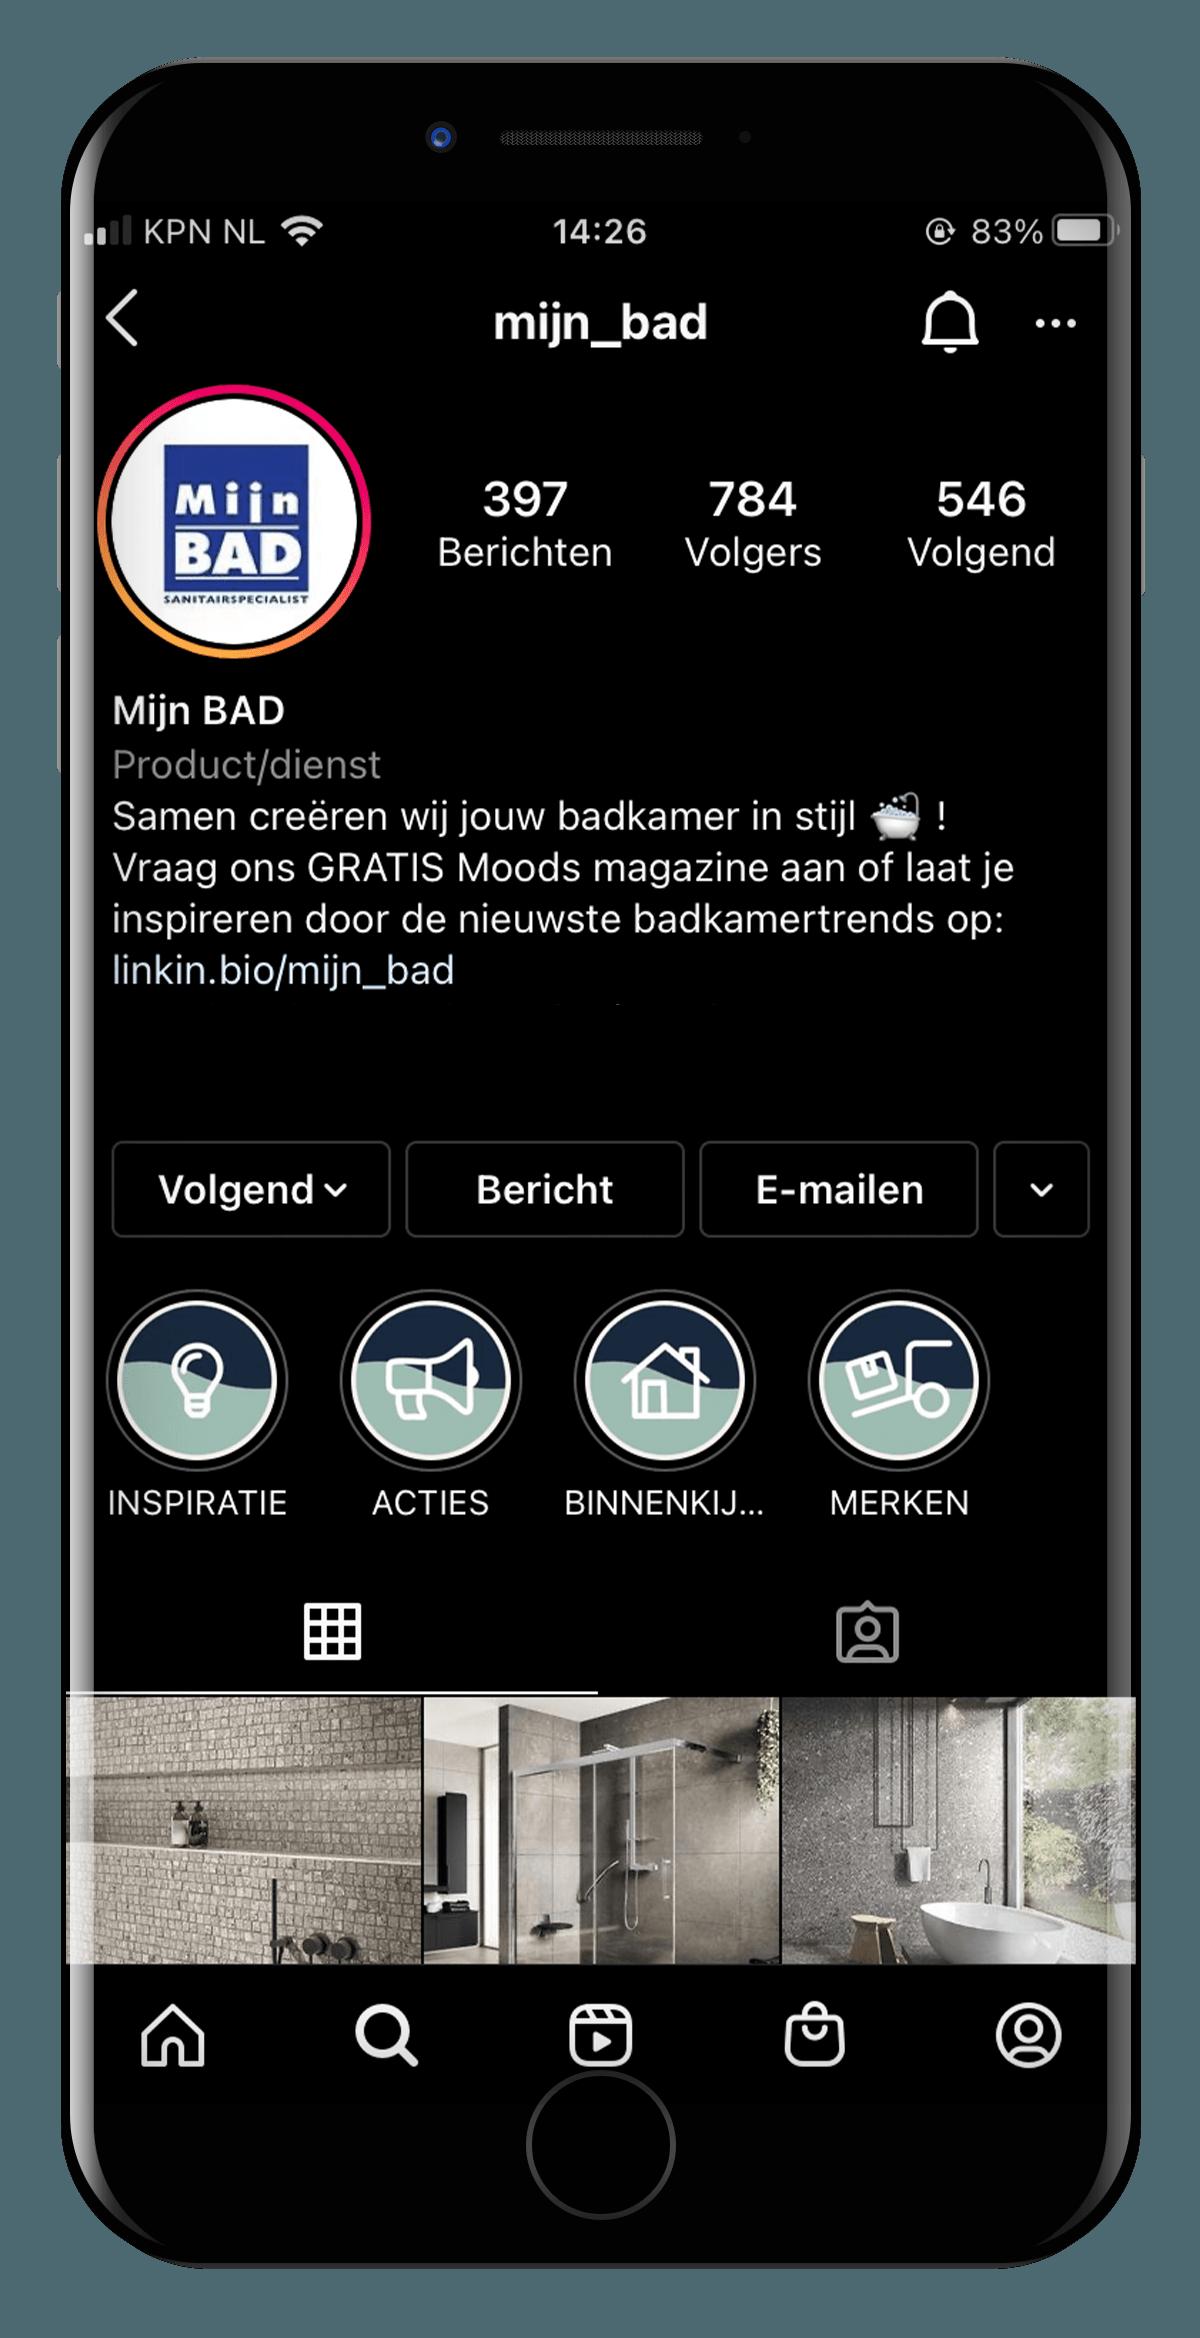 SociaLLien-made-marketing-mijnbad-instagram